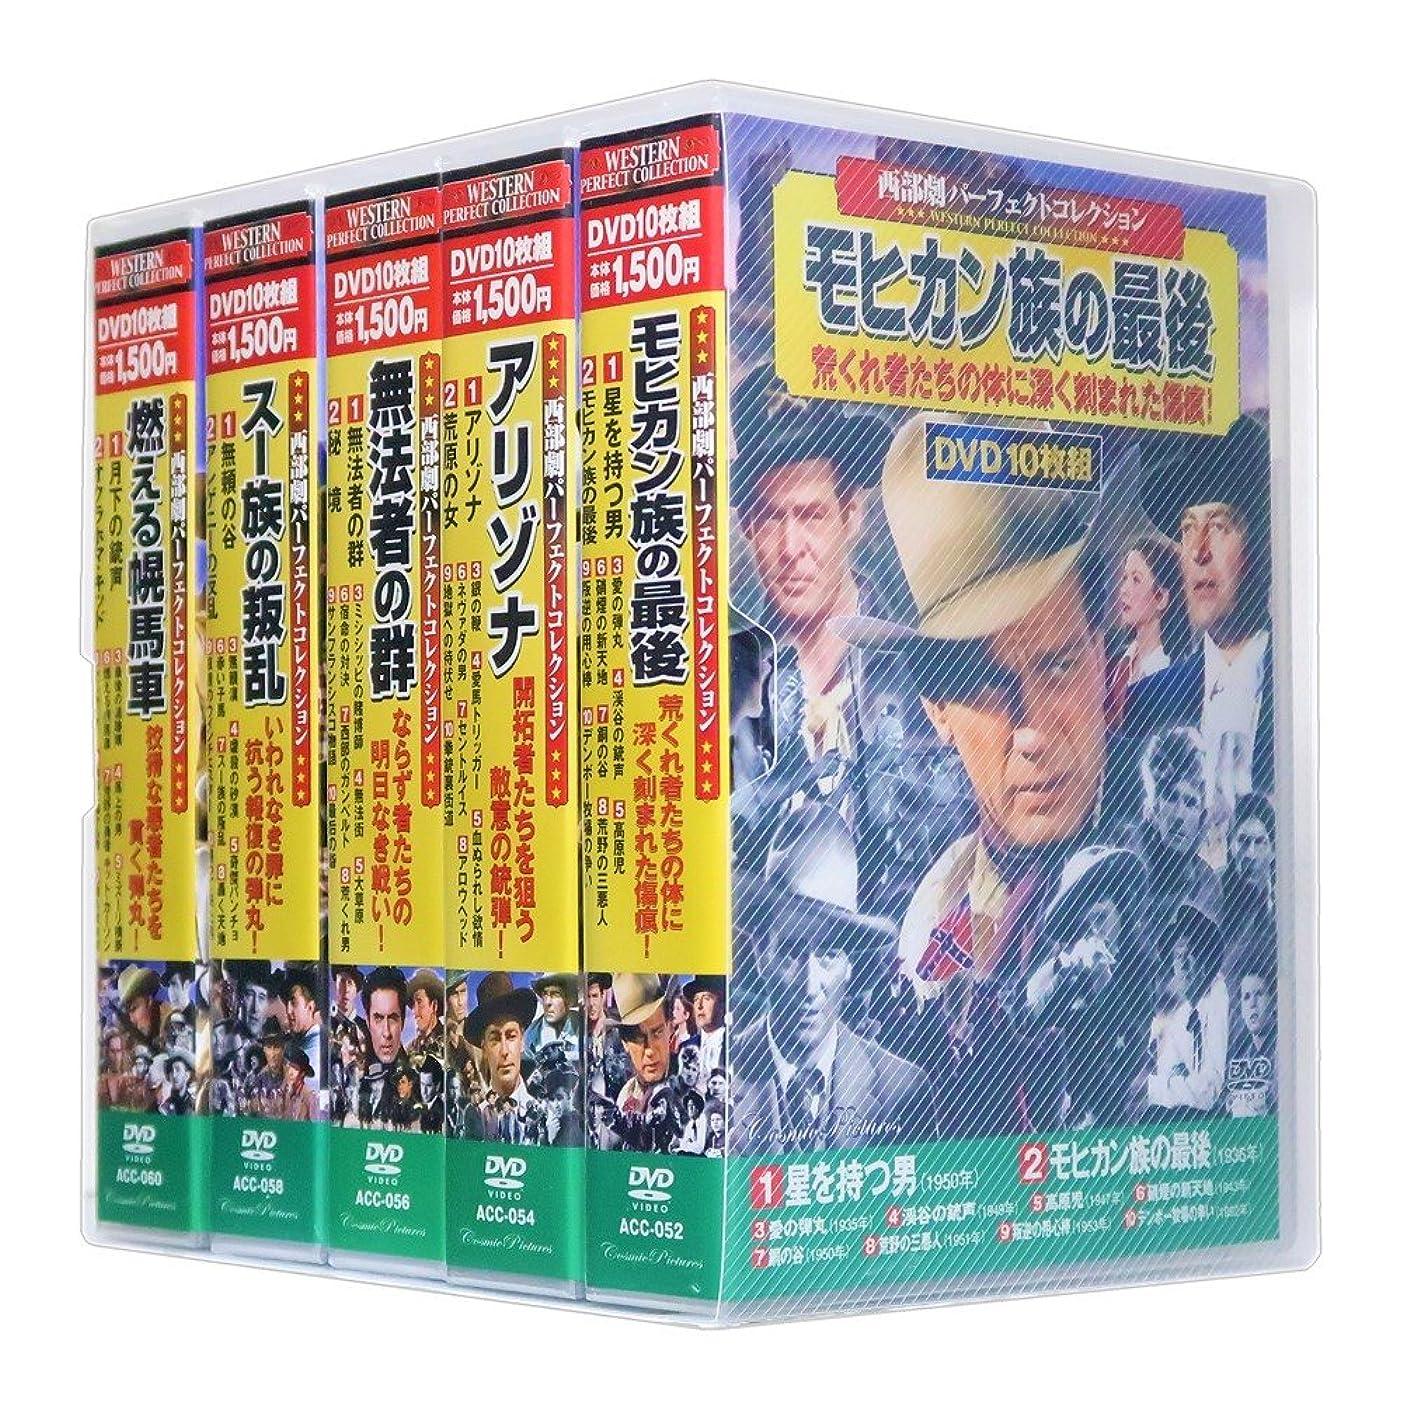 あからさまフレットバンドワーロック(テレビ吹替音声収録版) [DVD]